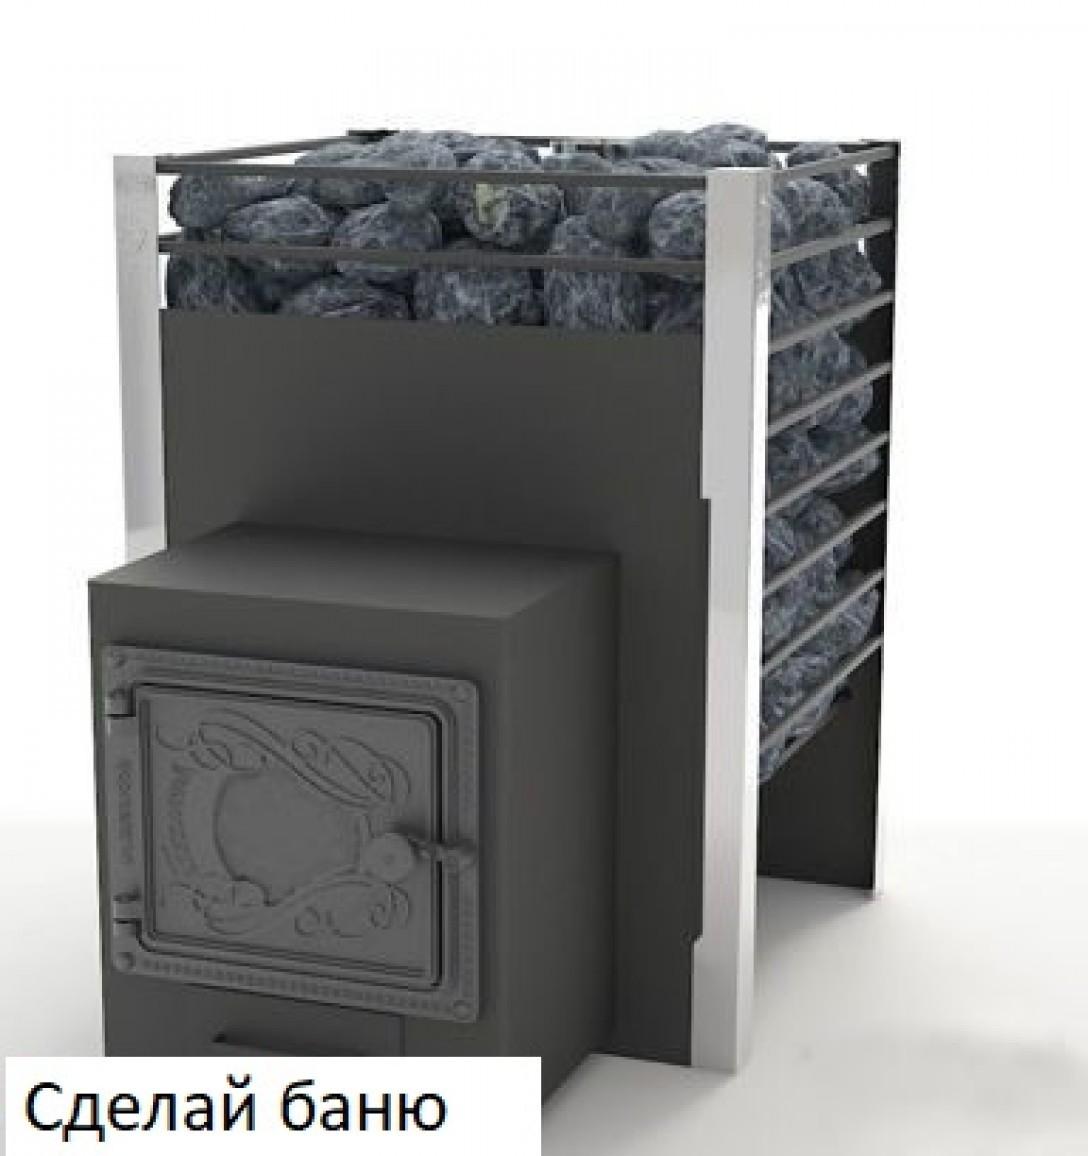 ЖАРА Печь банная ЖАРА-ЛЮКС 10 с закрытой каменкой и воронкой